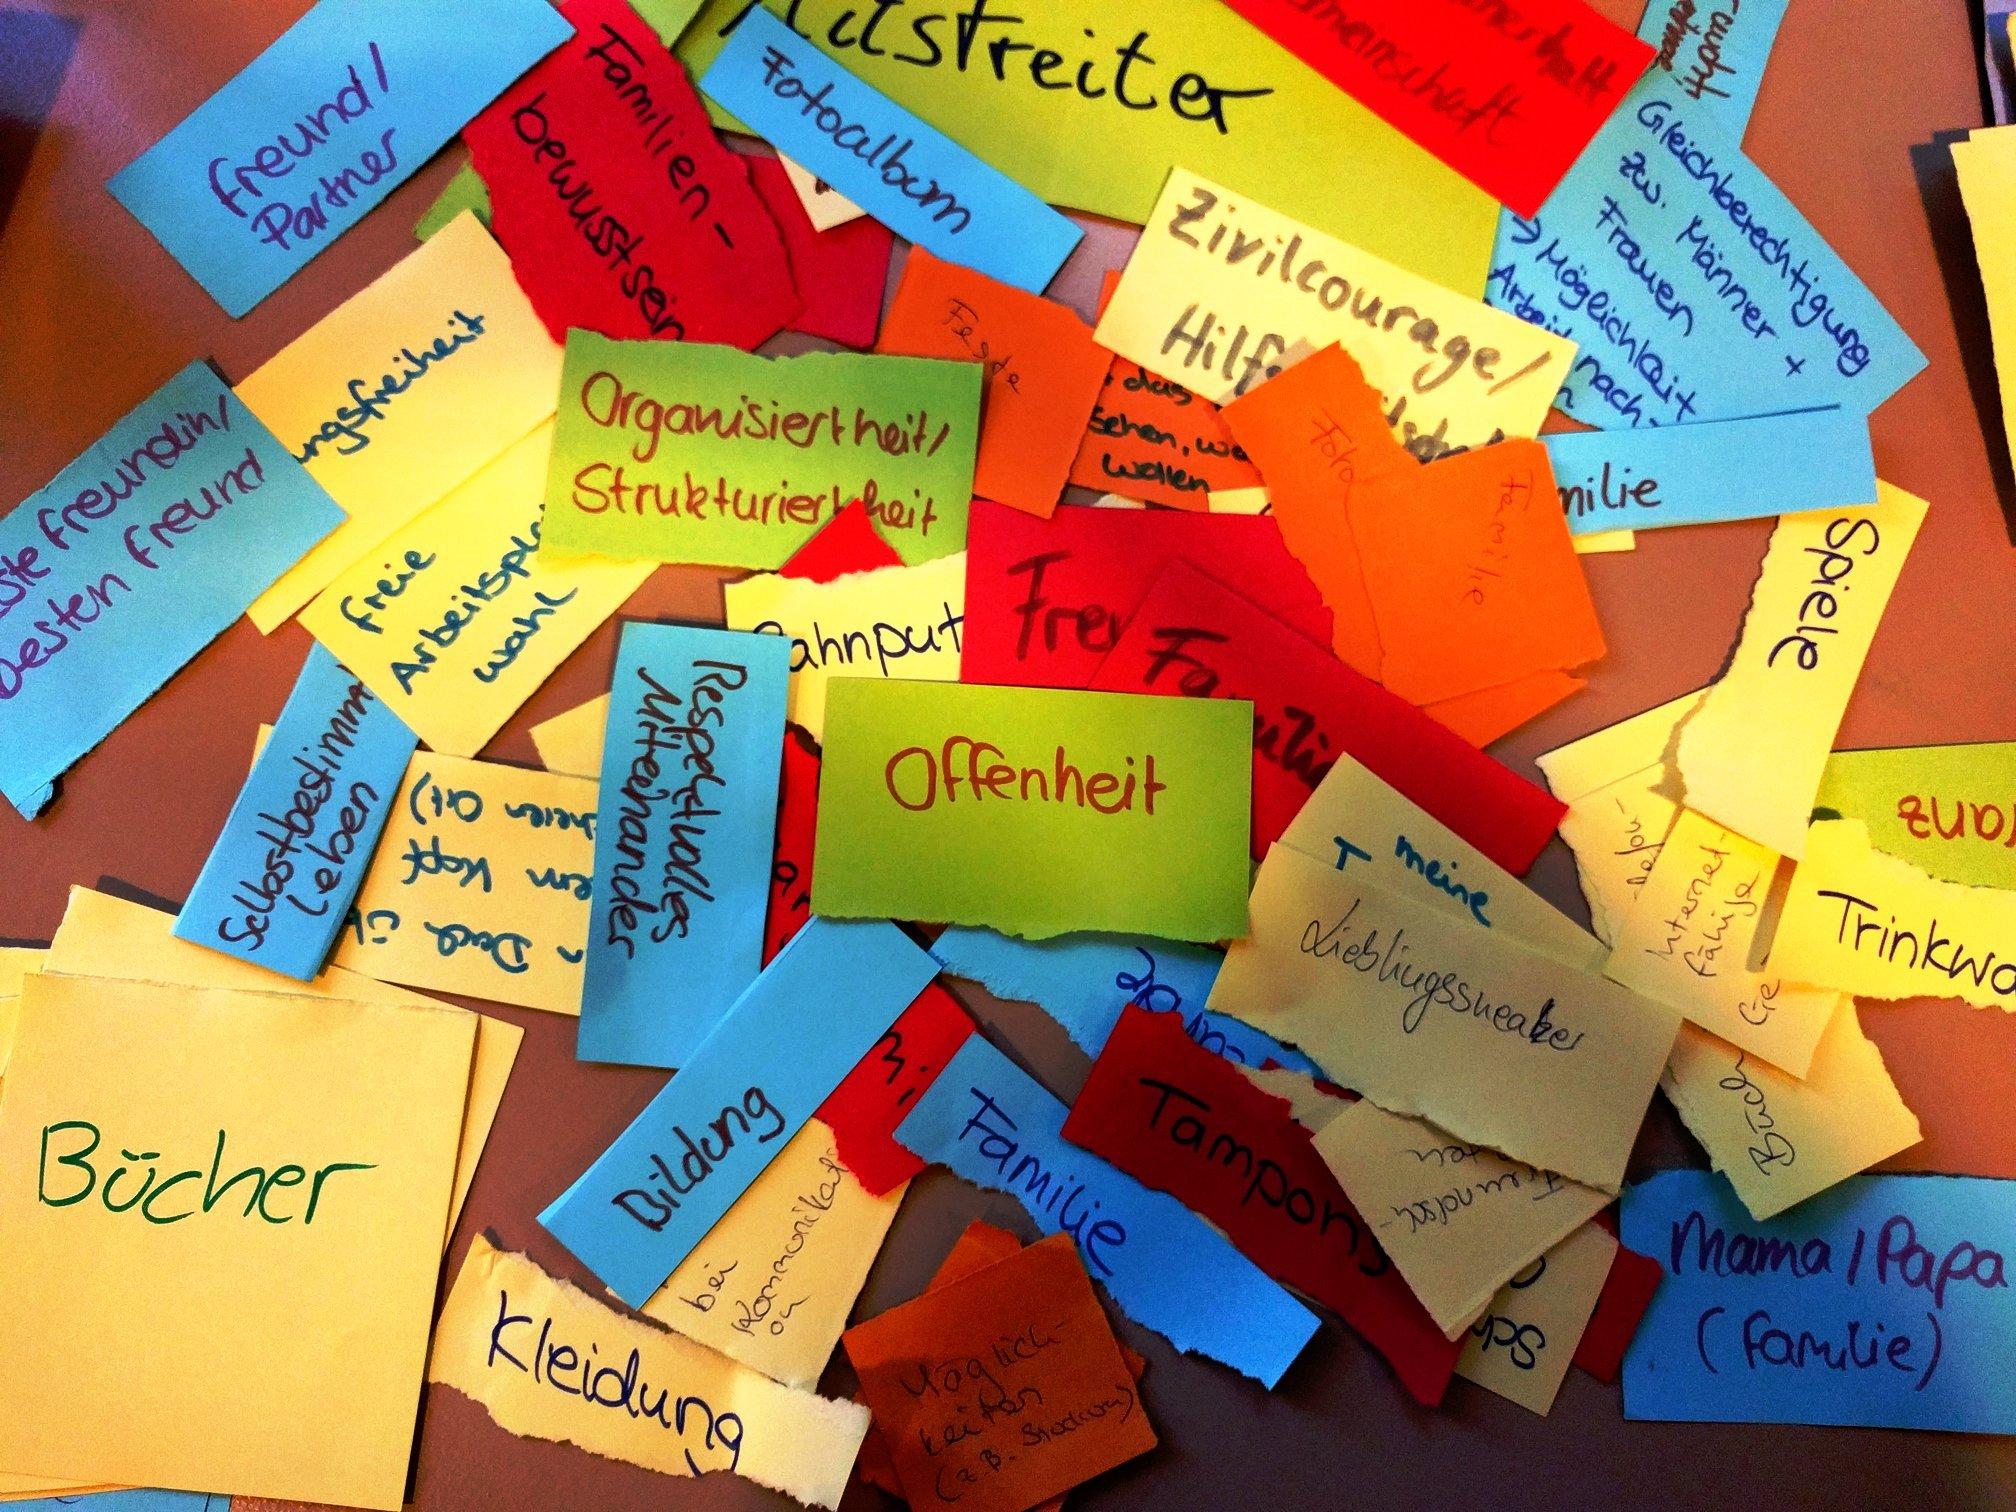 Wichtig im Seminaraufbau: Diversity in der Gestaltung der Gruppensituation